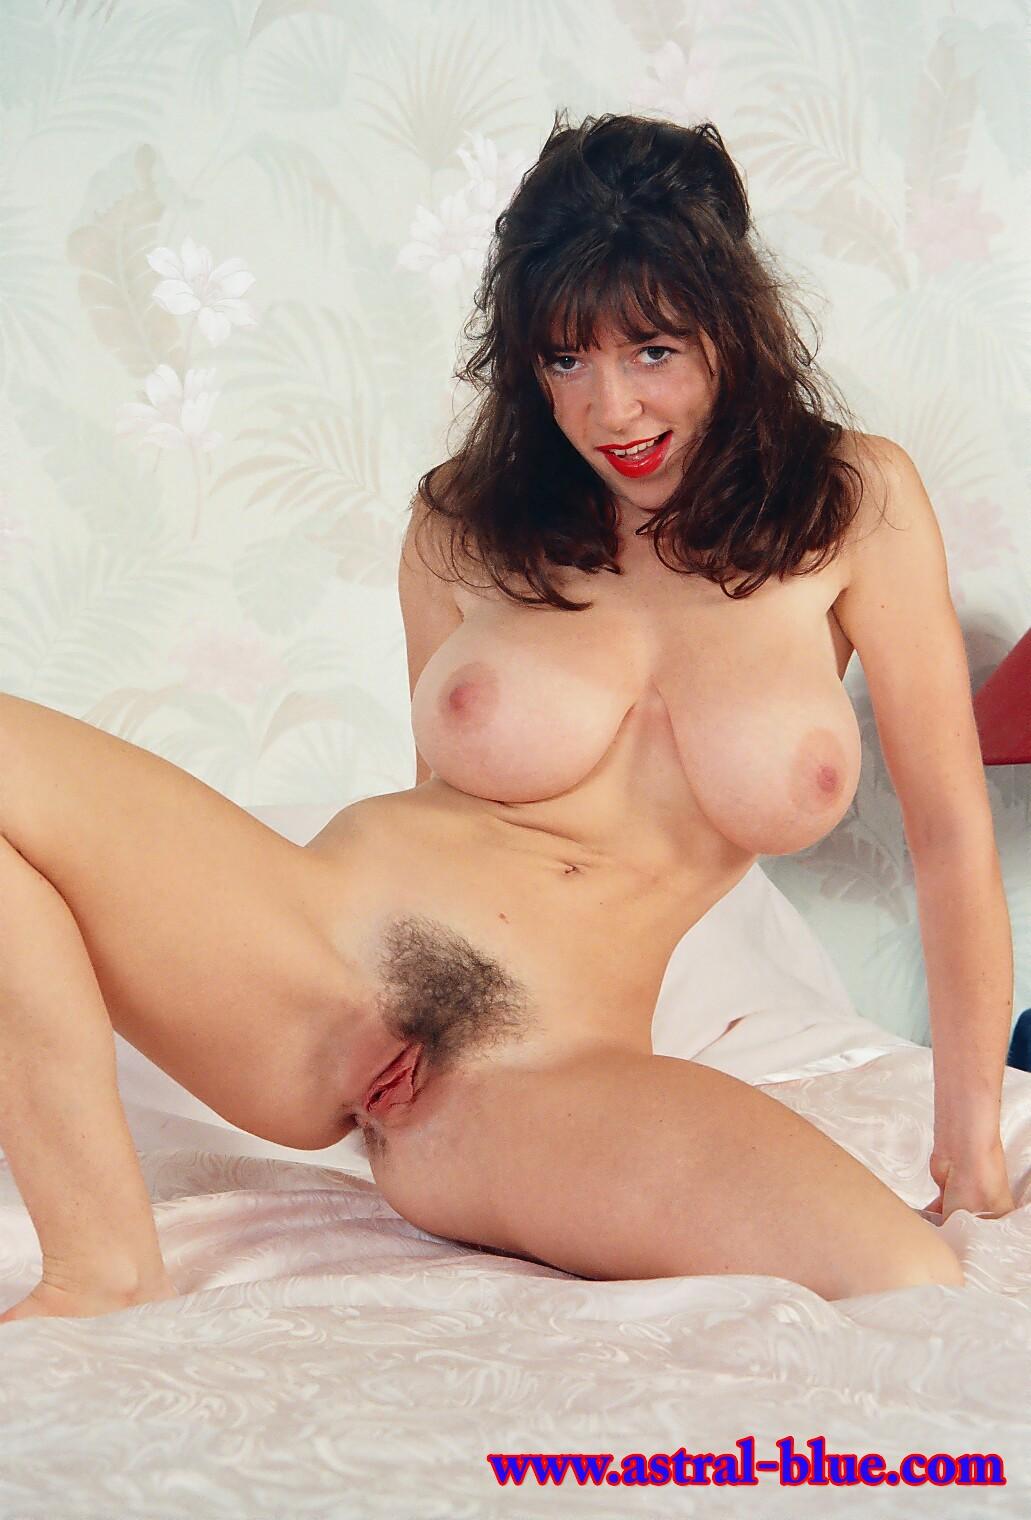 british girls nude pic